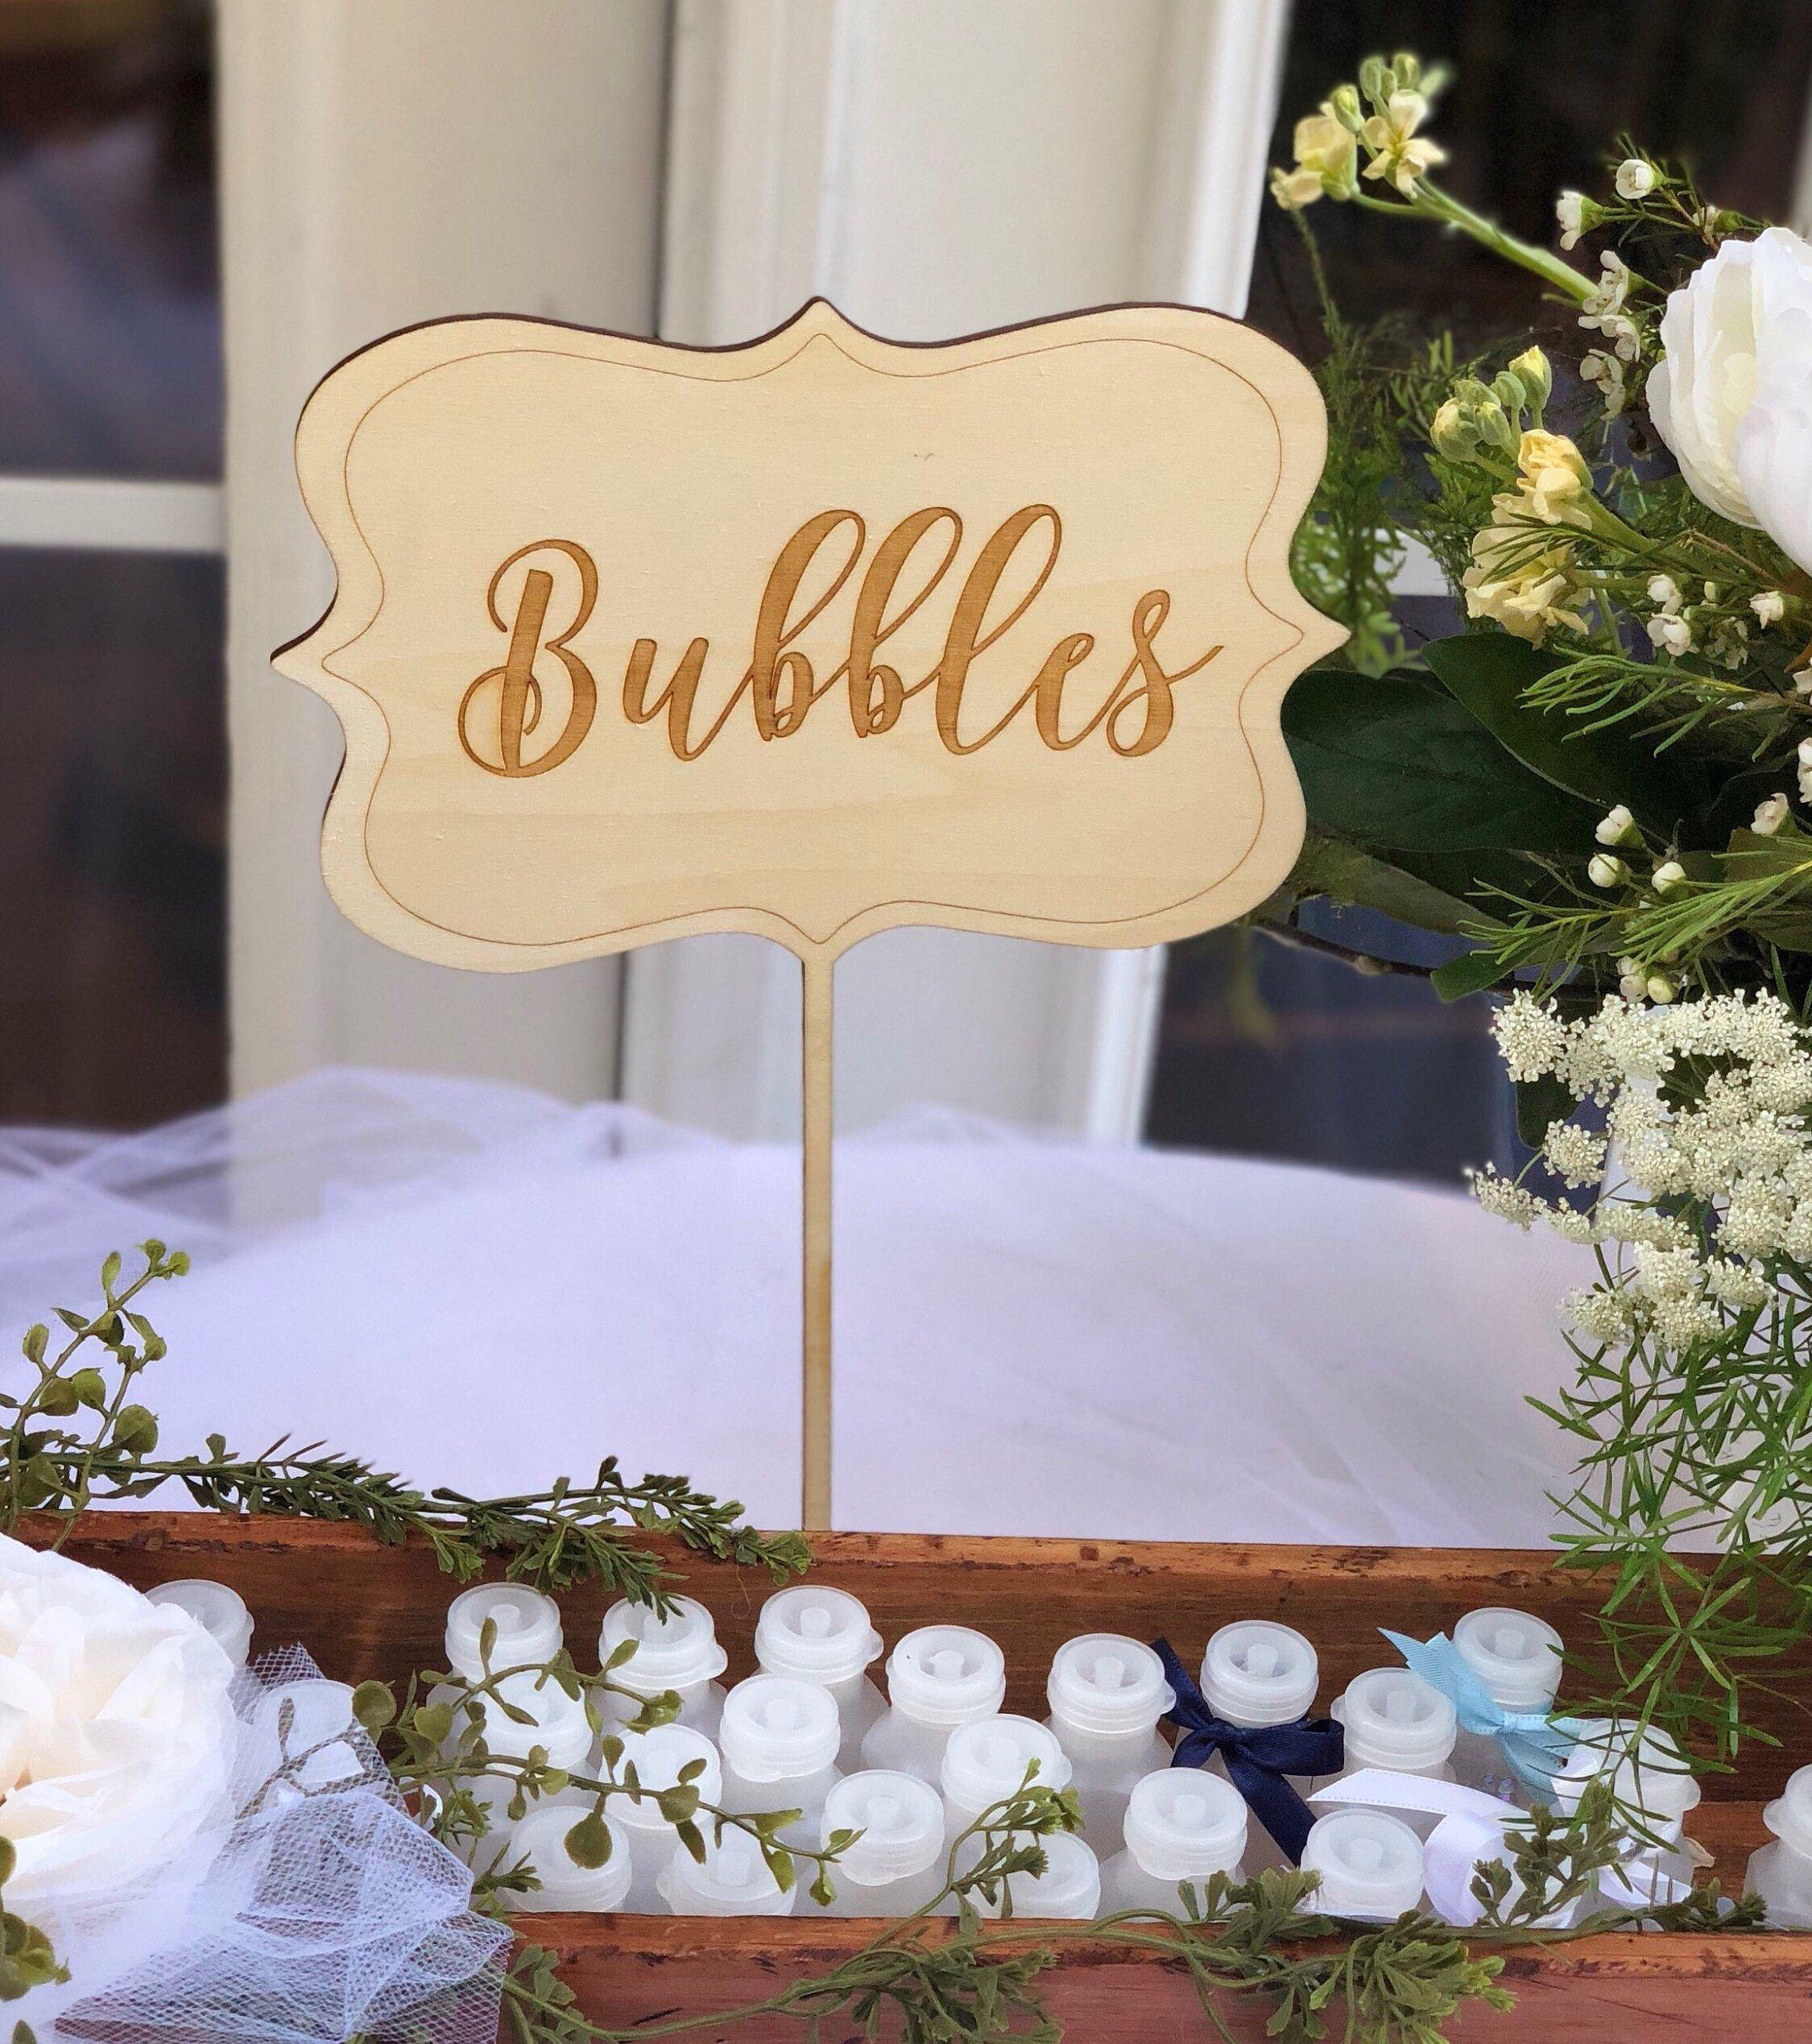 Bubbles Sign Wedding Bubbles Table Sign Wood Bubbles